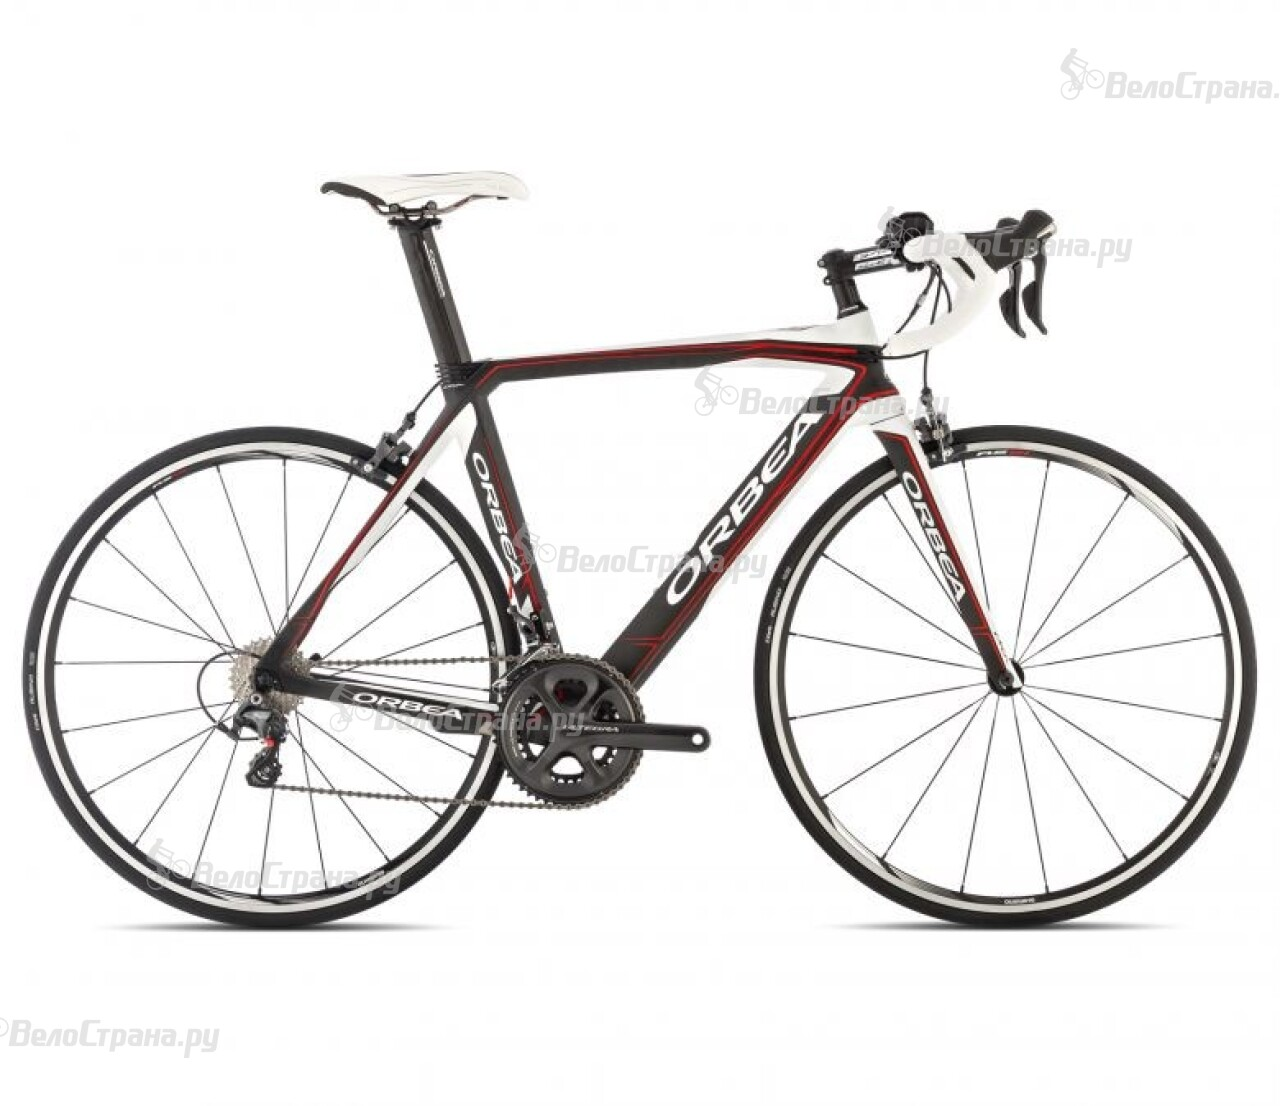 Велосипед Orbea Orca Tri M30 (2014) велосипед orbea orca dama gth 2013